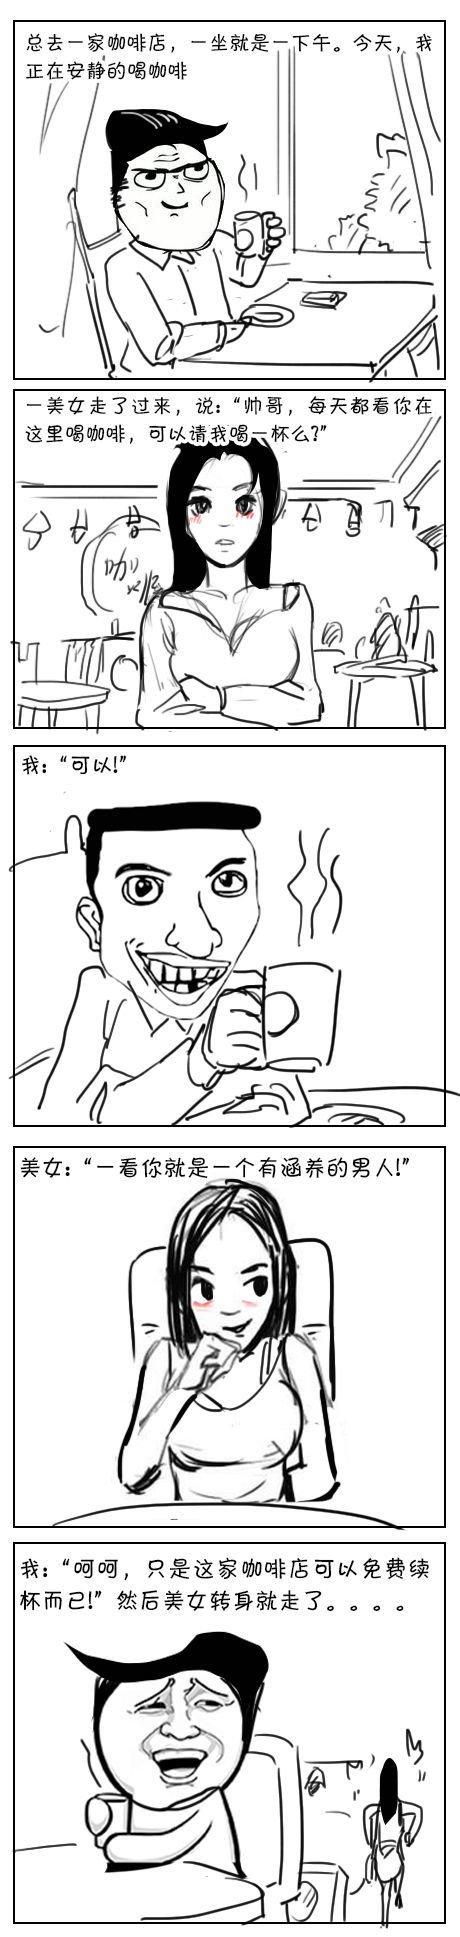 咖啡馆的艳遇!